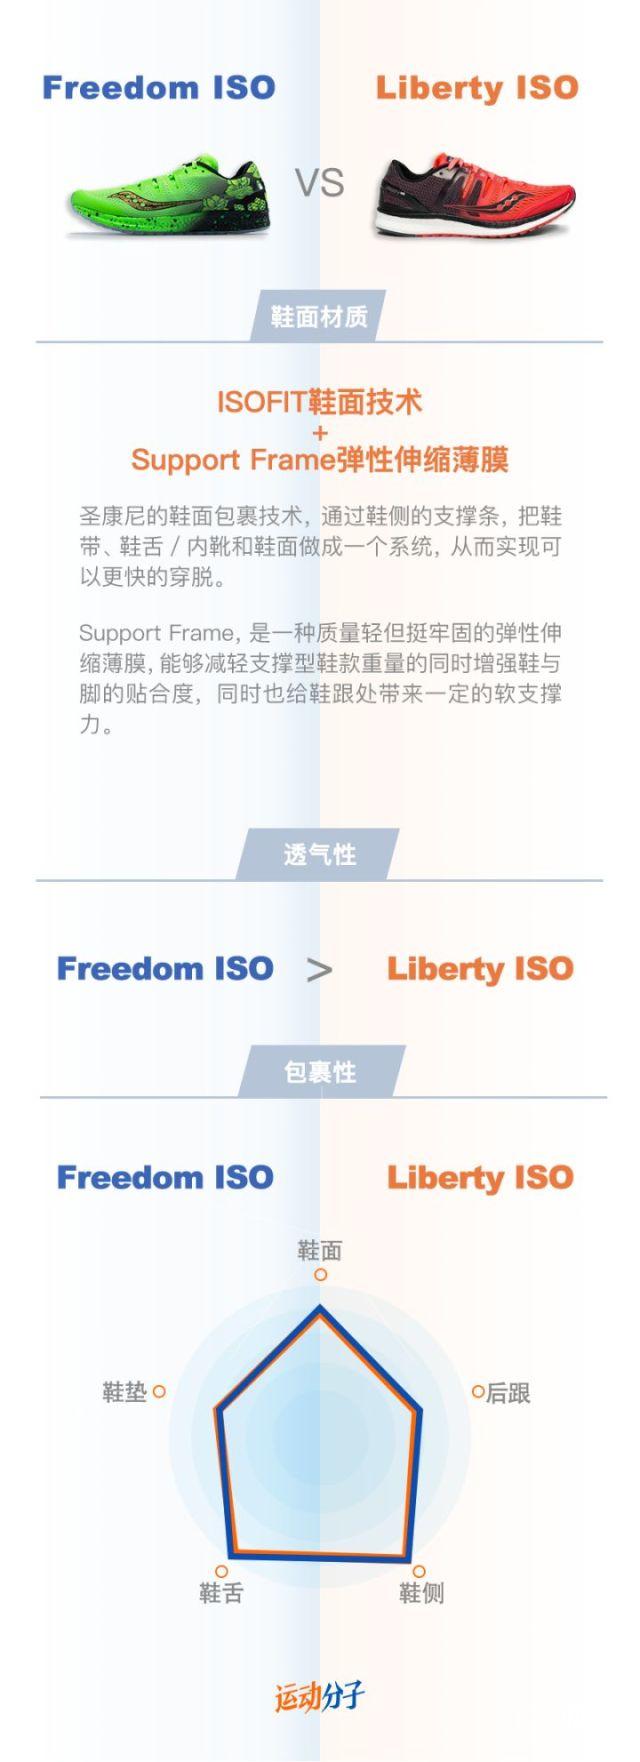 看像孪生兄弟,却各有各骚气的地方——圣康尼FreedomISO与LibertyISO的比较评测